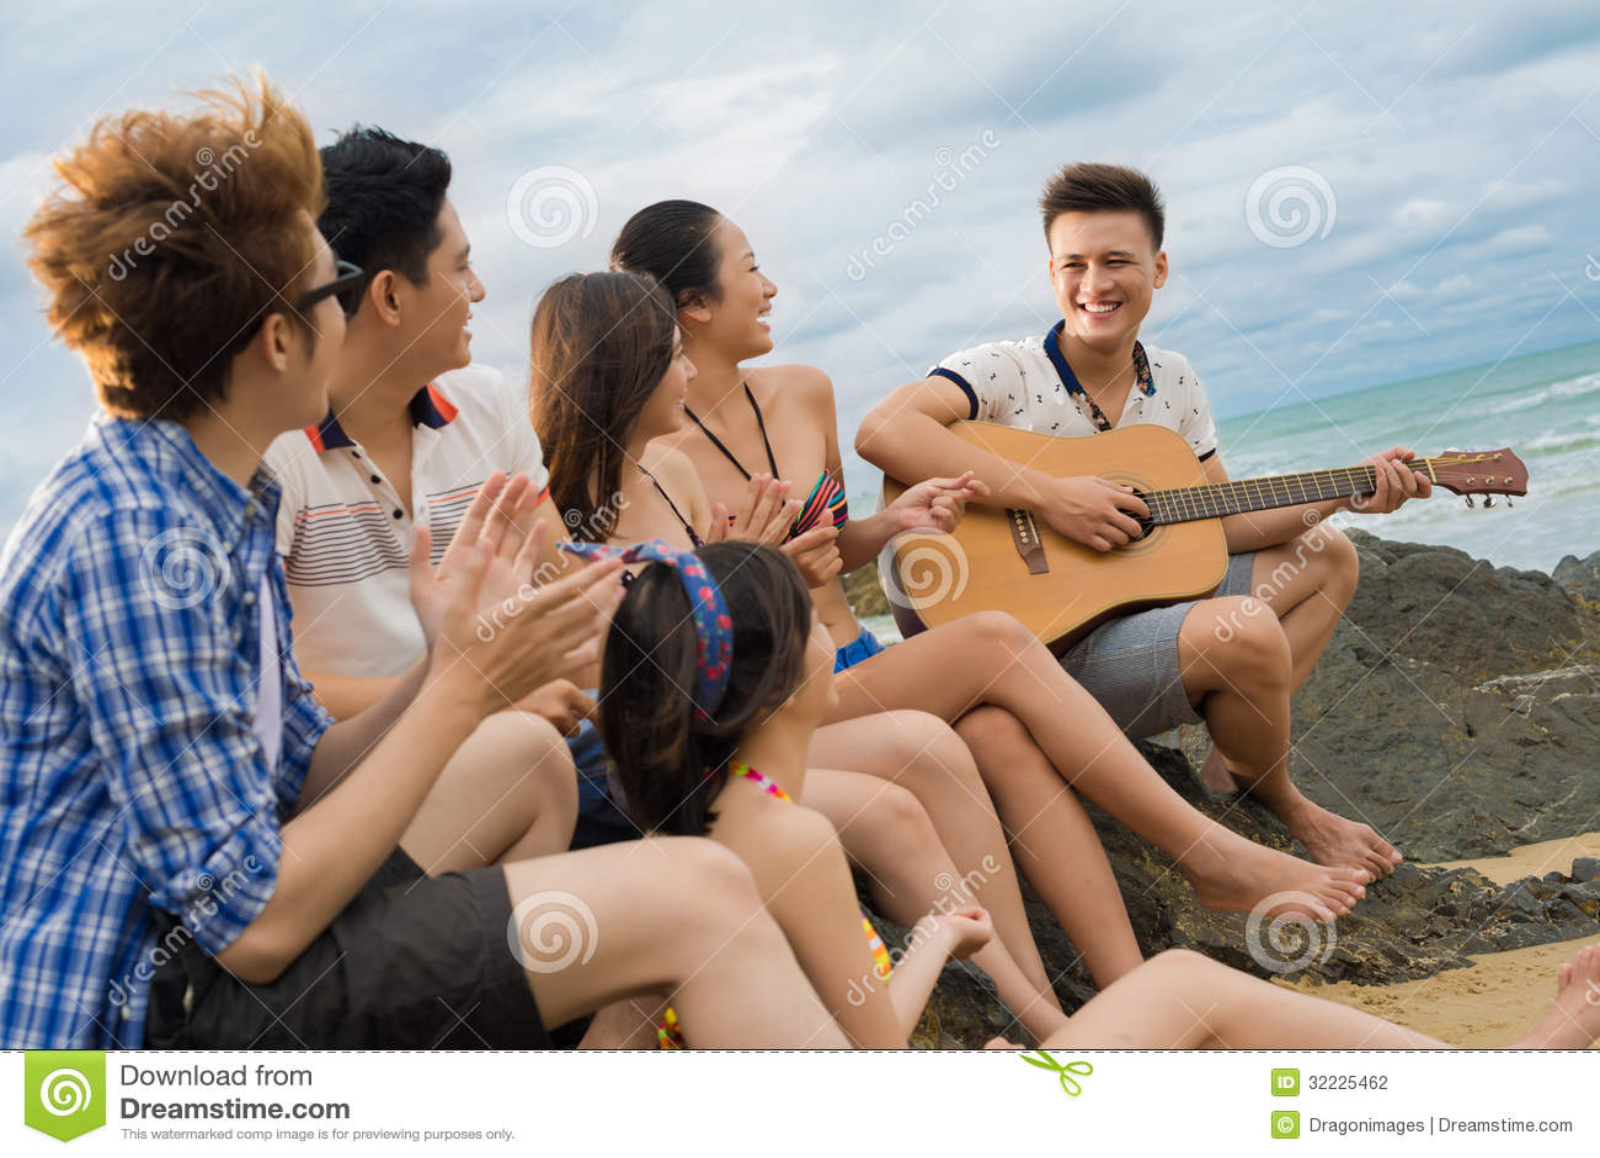 Download Canto da guitarra foto de stock. Imagem de aprecíe, ocasional - 32225462